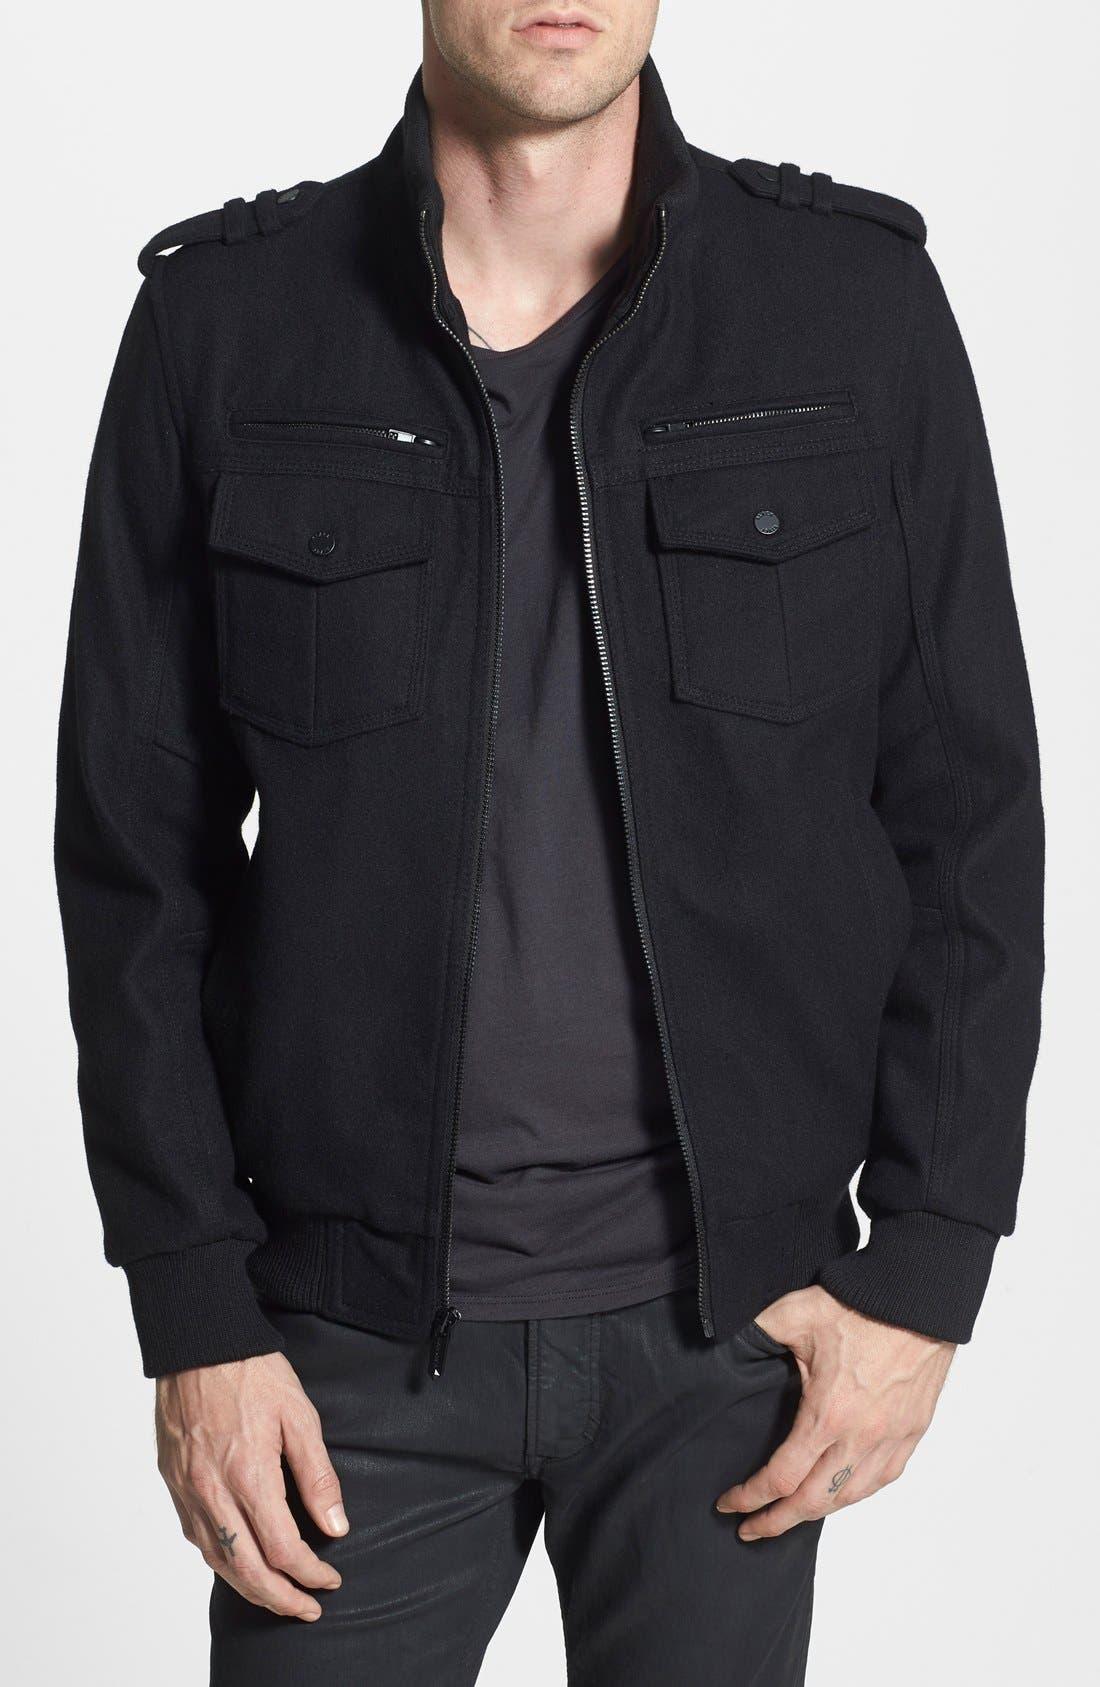 BLACK RIVET Wool Blend Bomber Jacket, Main, color, 001